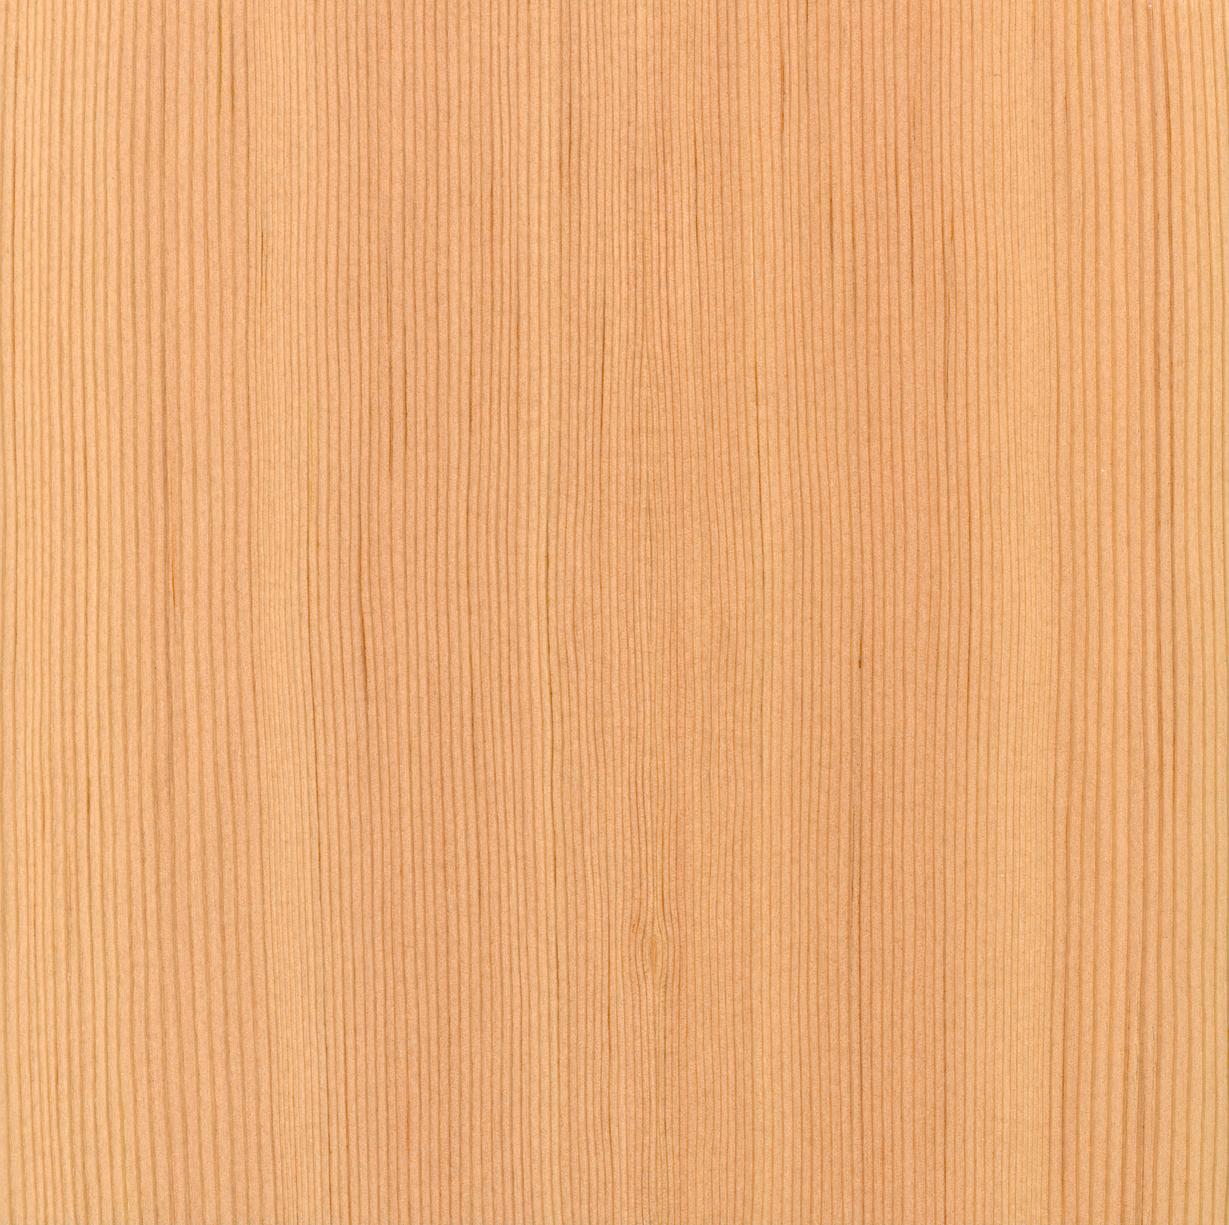 oregon pine - puuviilu